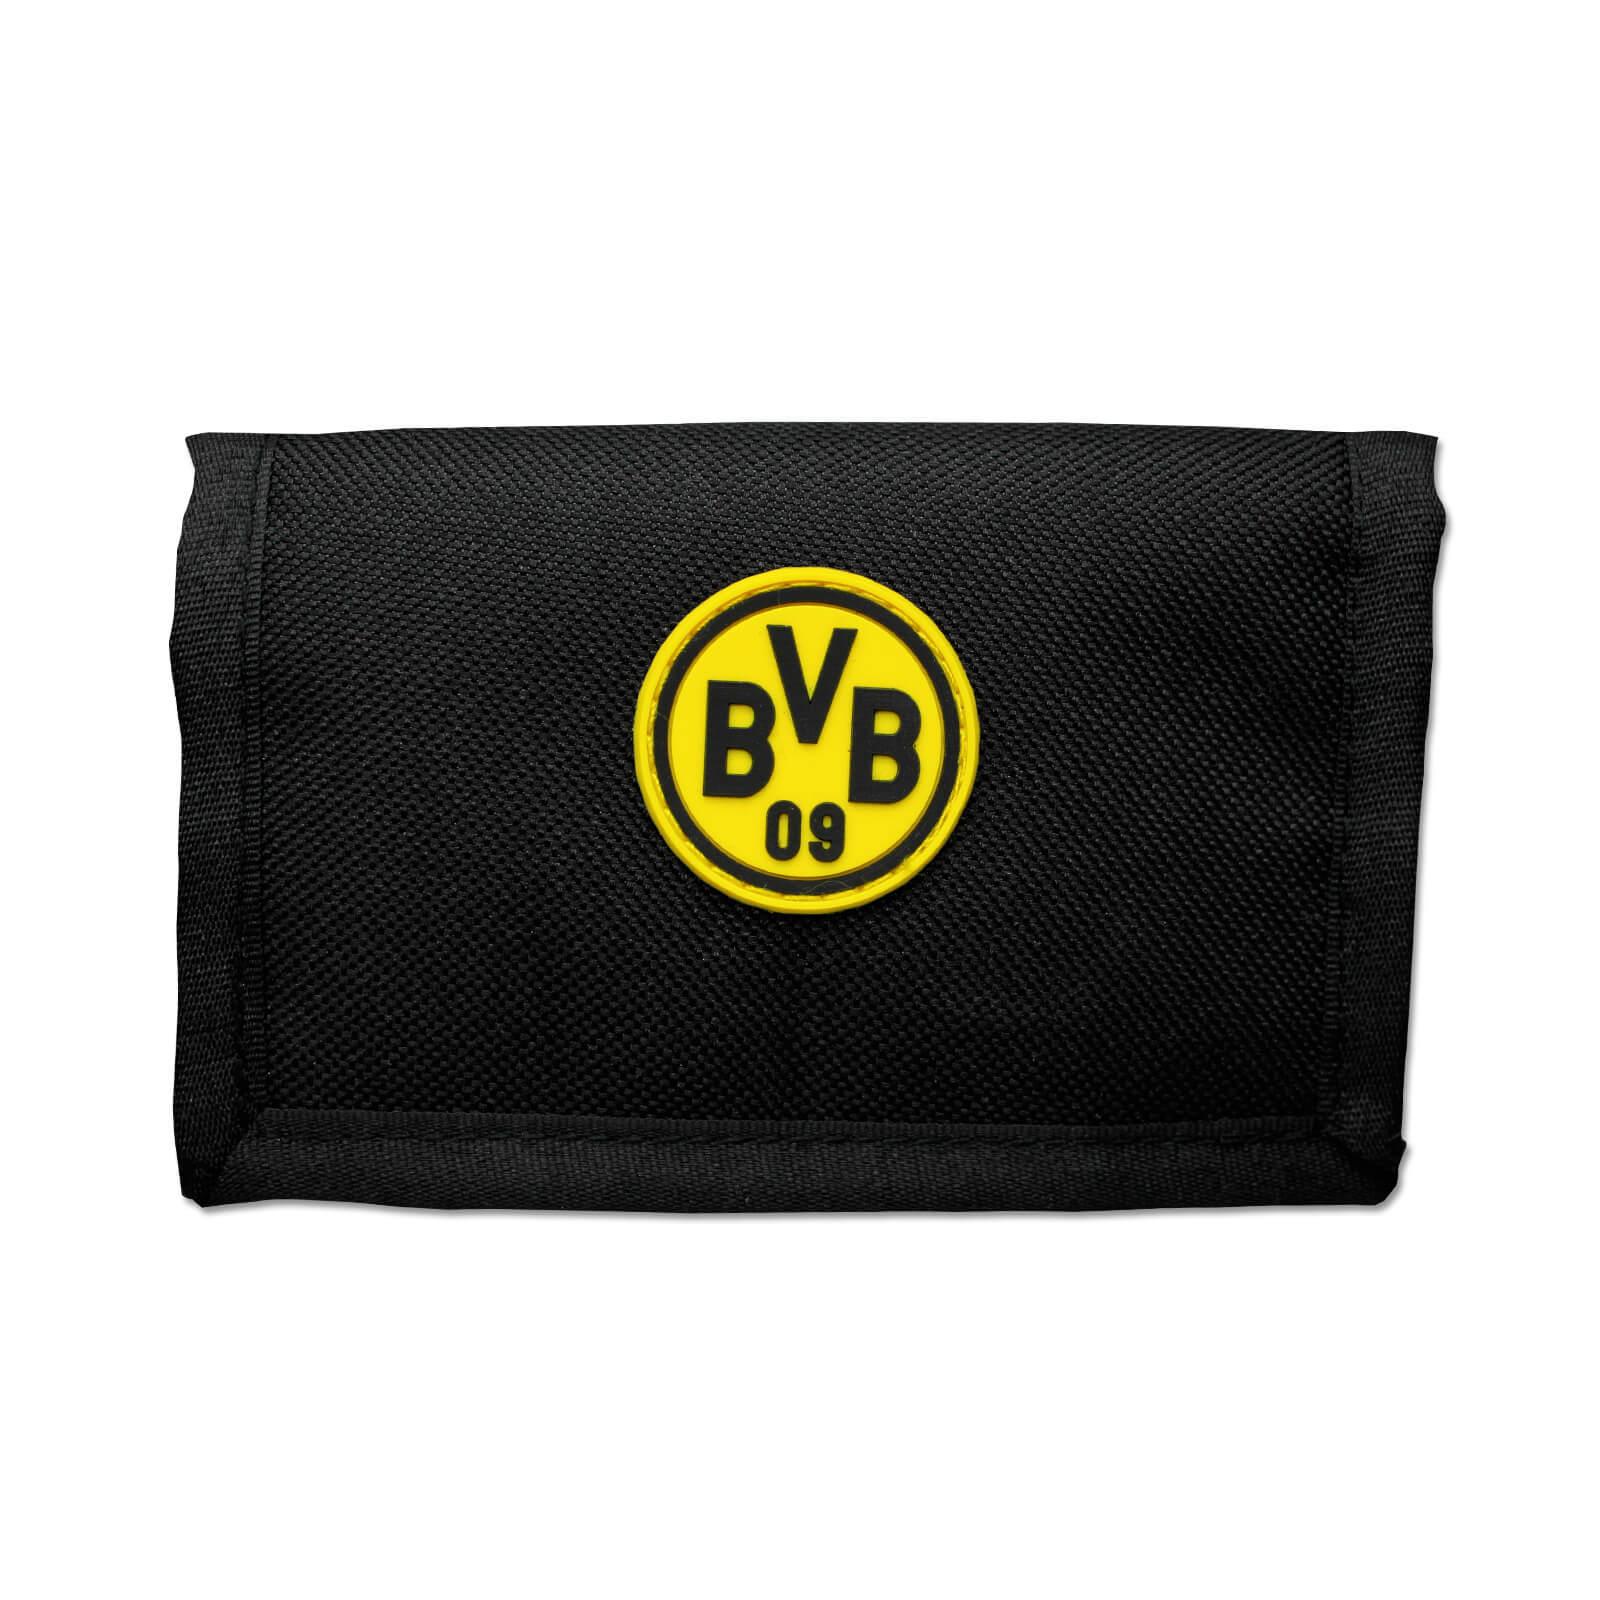 BVB Geldbörse Klettverschluß Schwarz Gelb